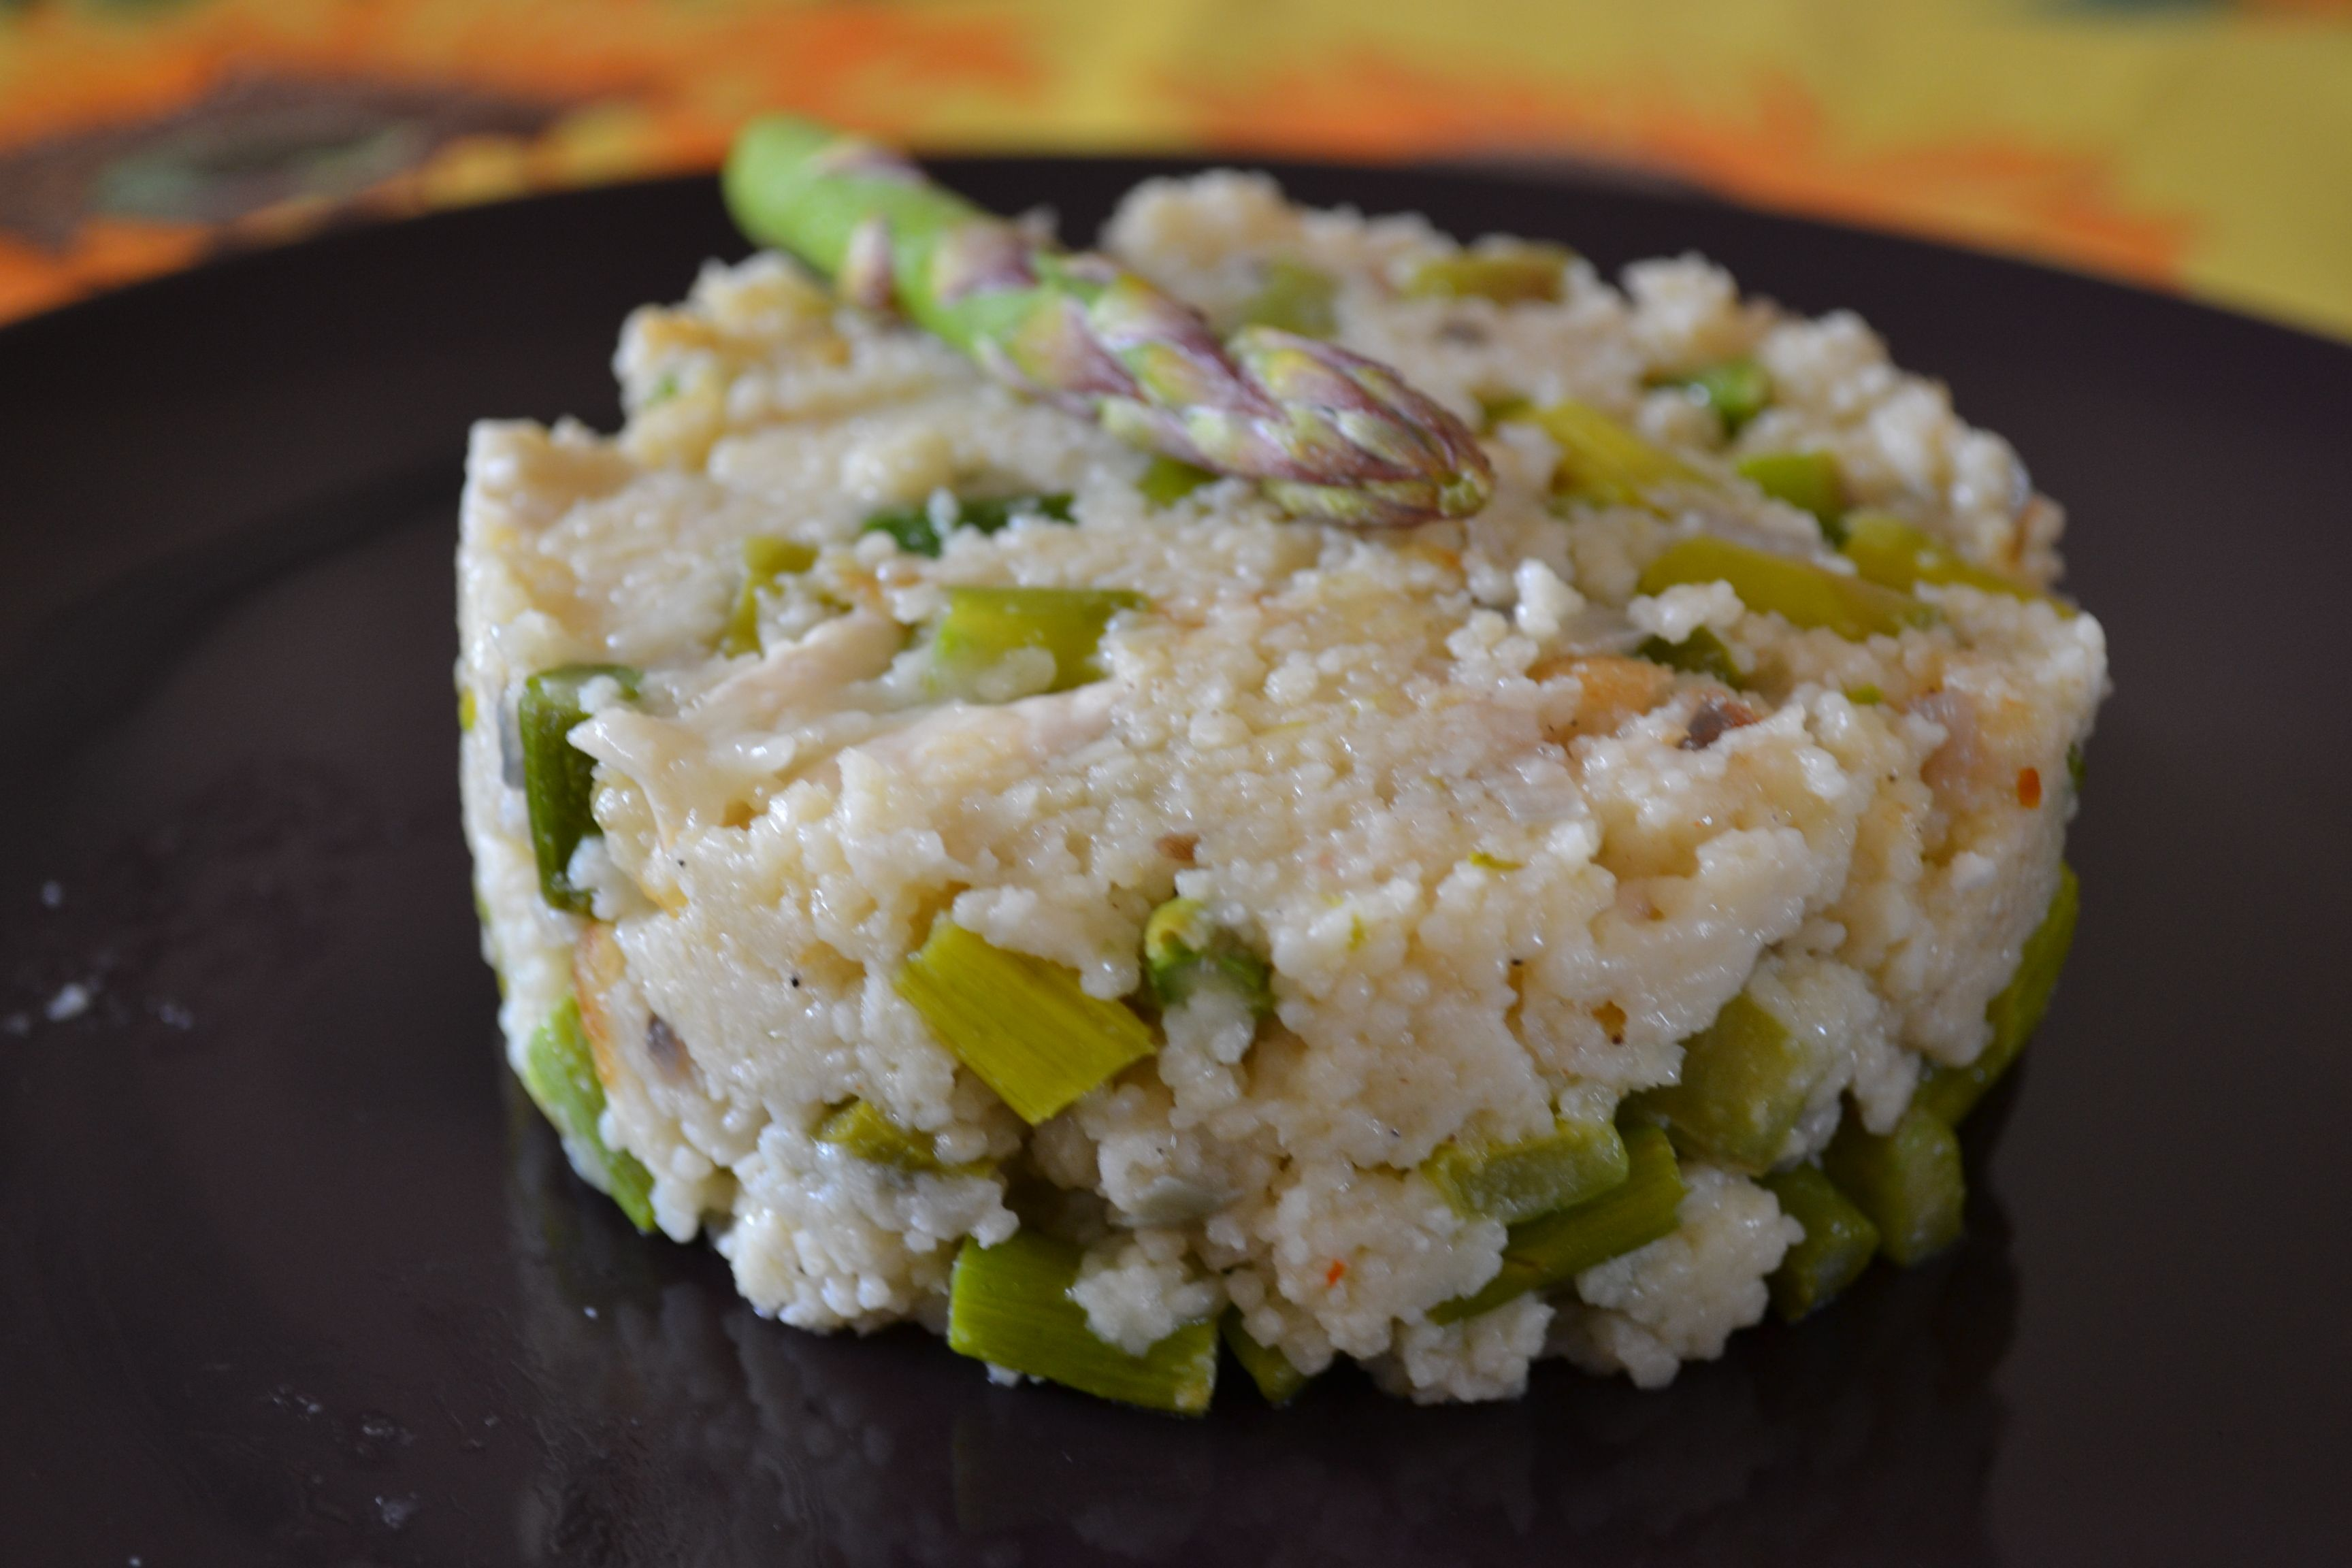 Couscous con asparagi e caprino.  http://blog.giallozafferano.it/ilcassettodeisognisegret/couscous-con-asparagi-e-caprino/